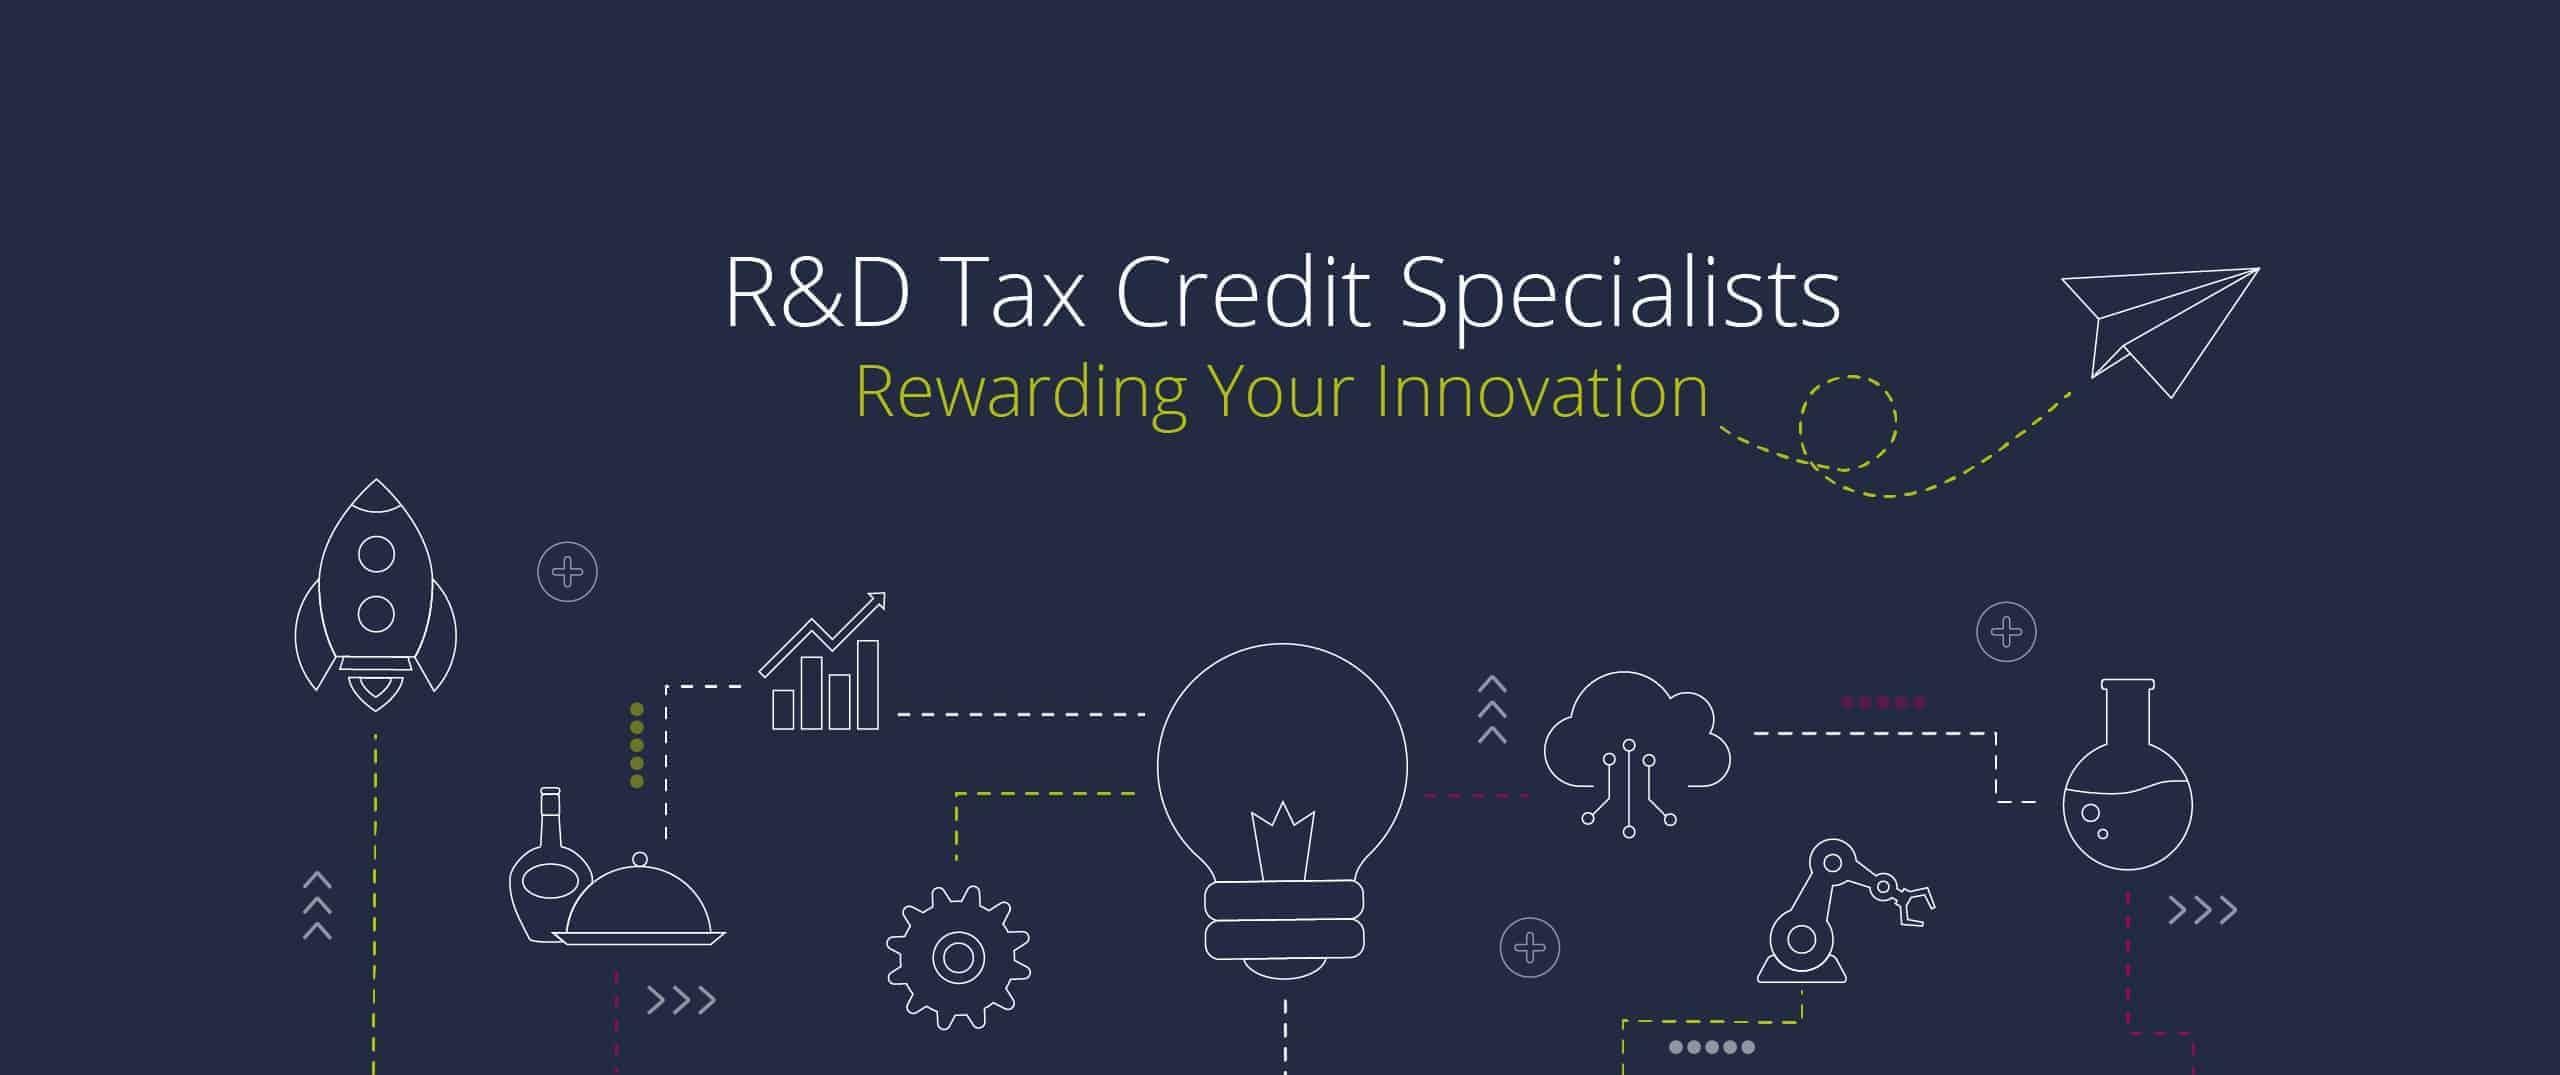 R&D Tax Credit Specialists